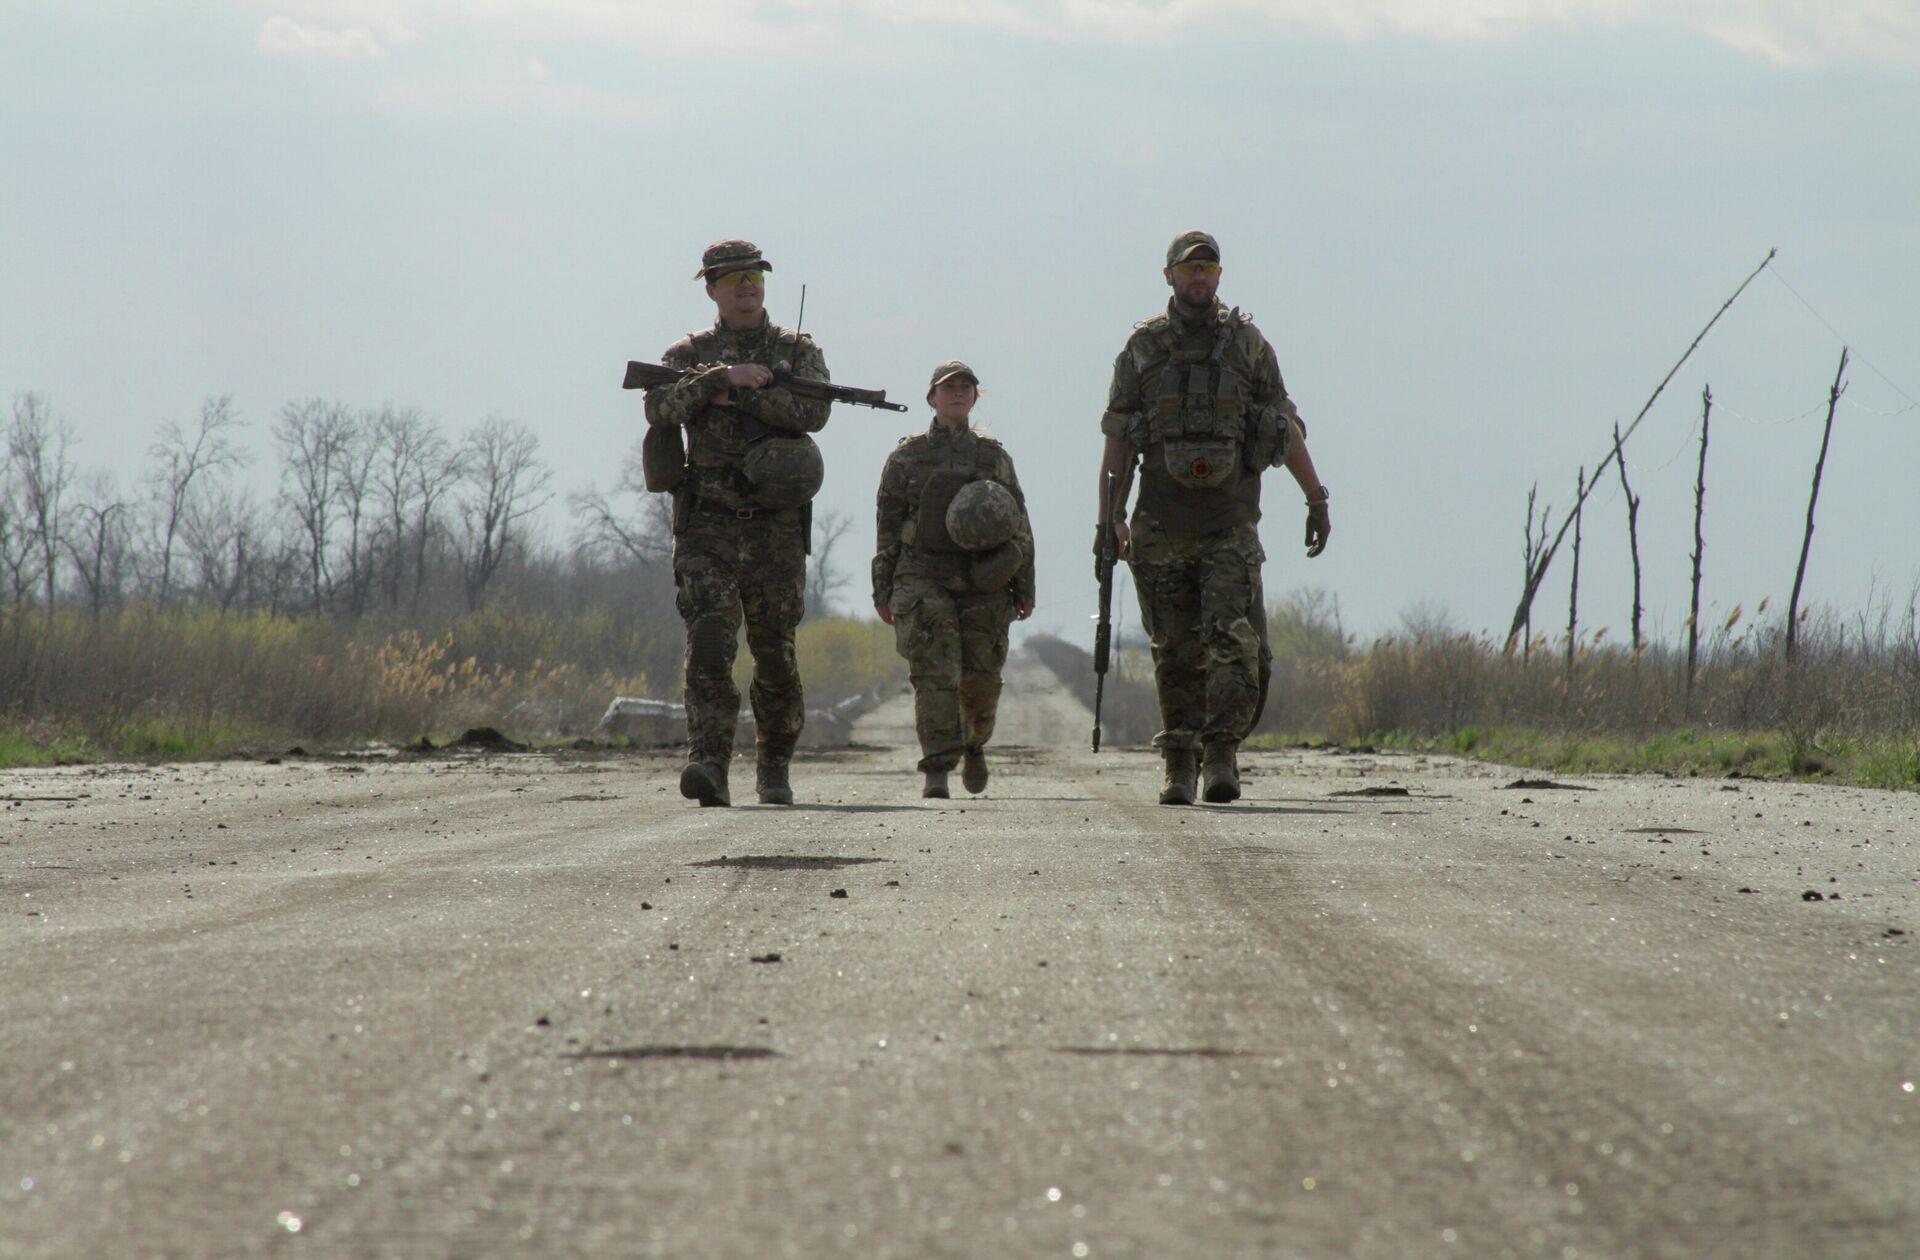 Украинские военные на дороге в районе линии соприкосновения в Донецкой области - РИА Новости, 1920, 28.04.2021